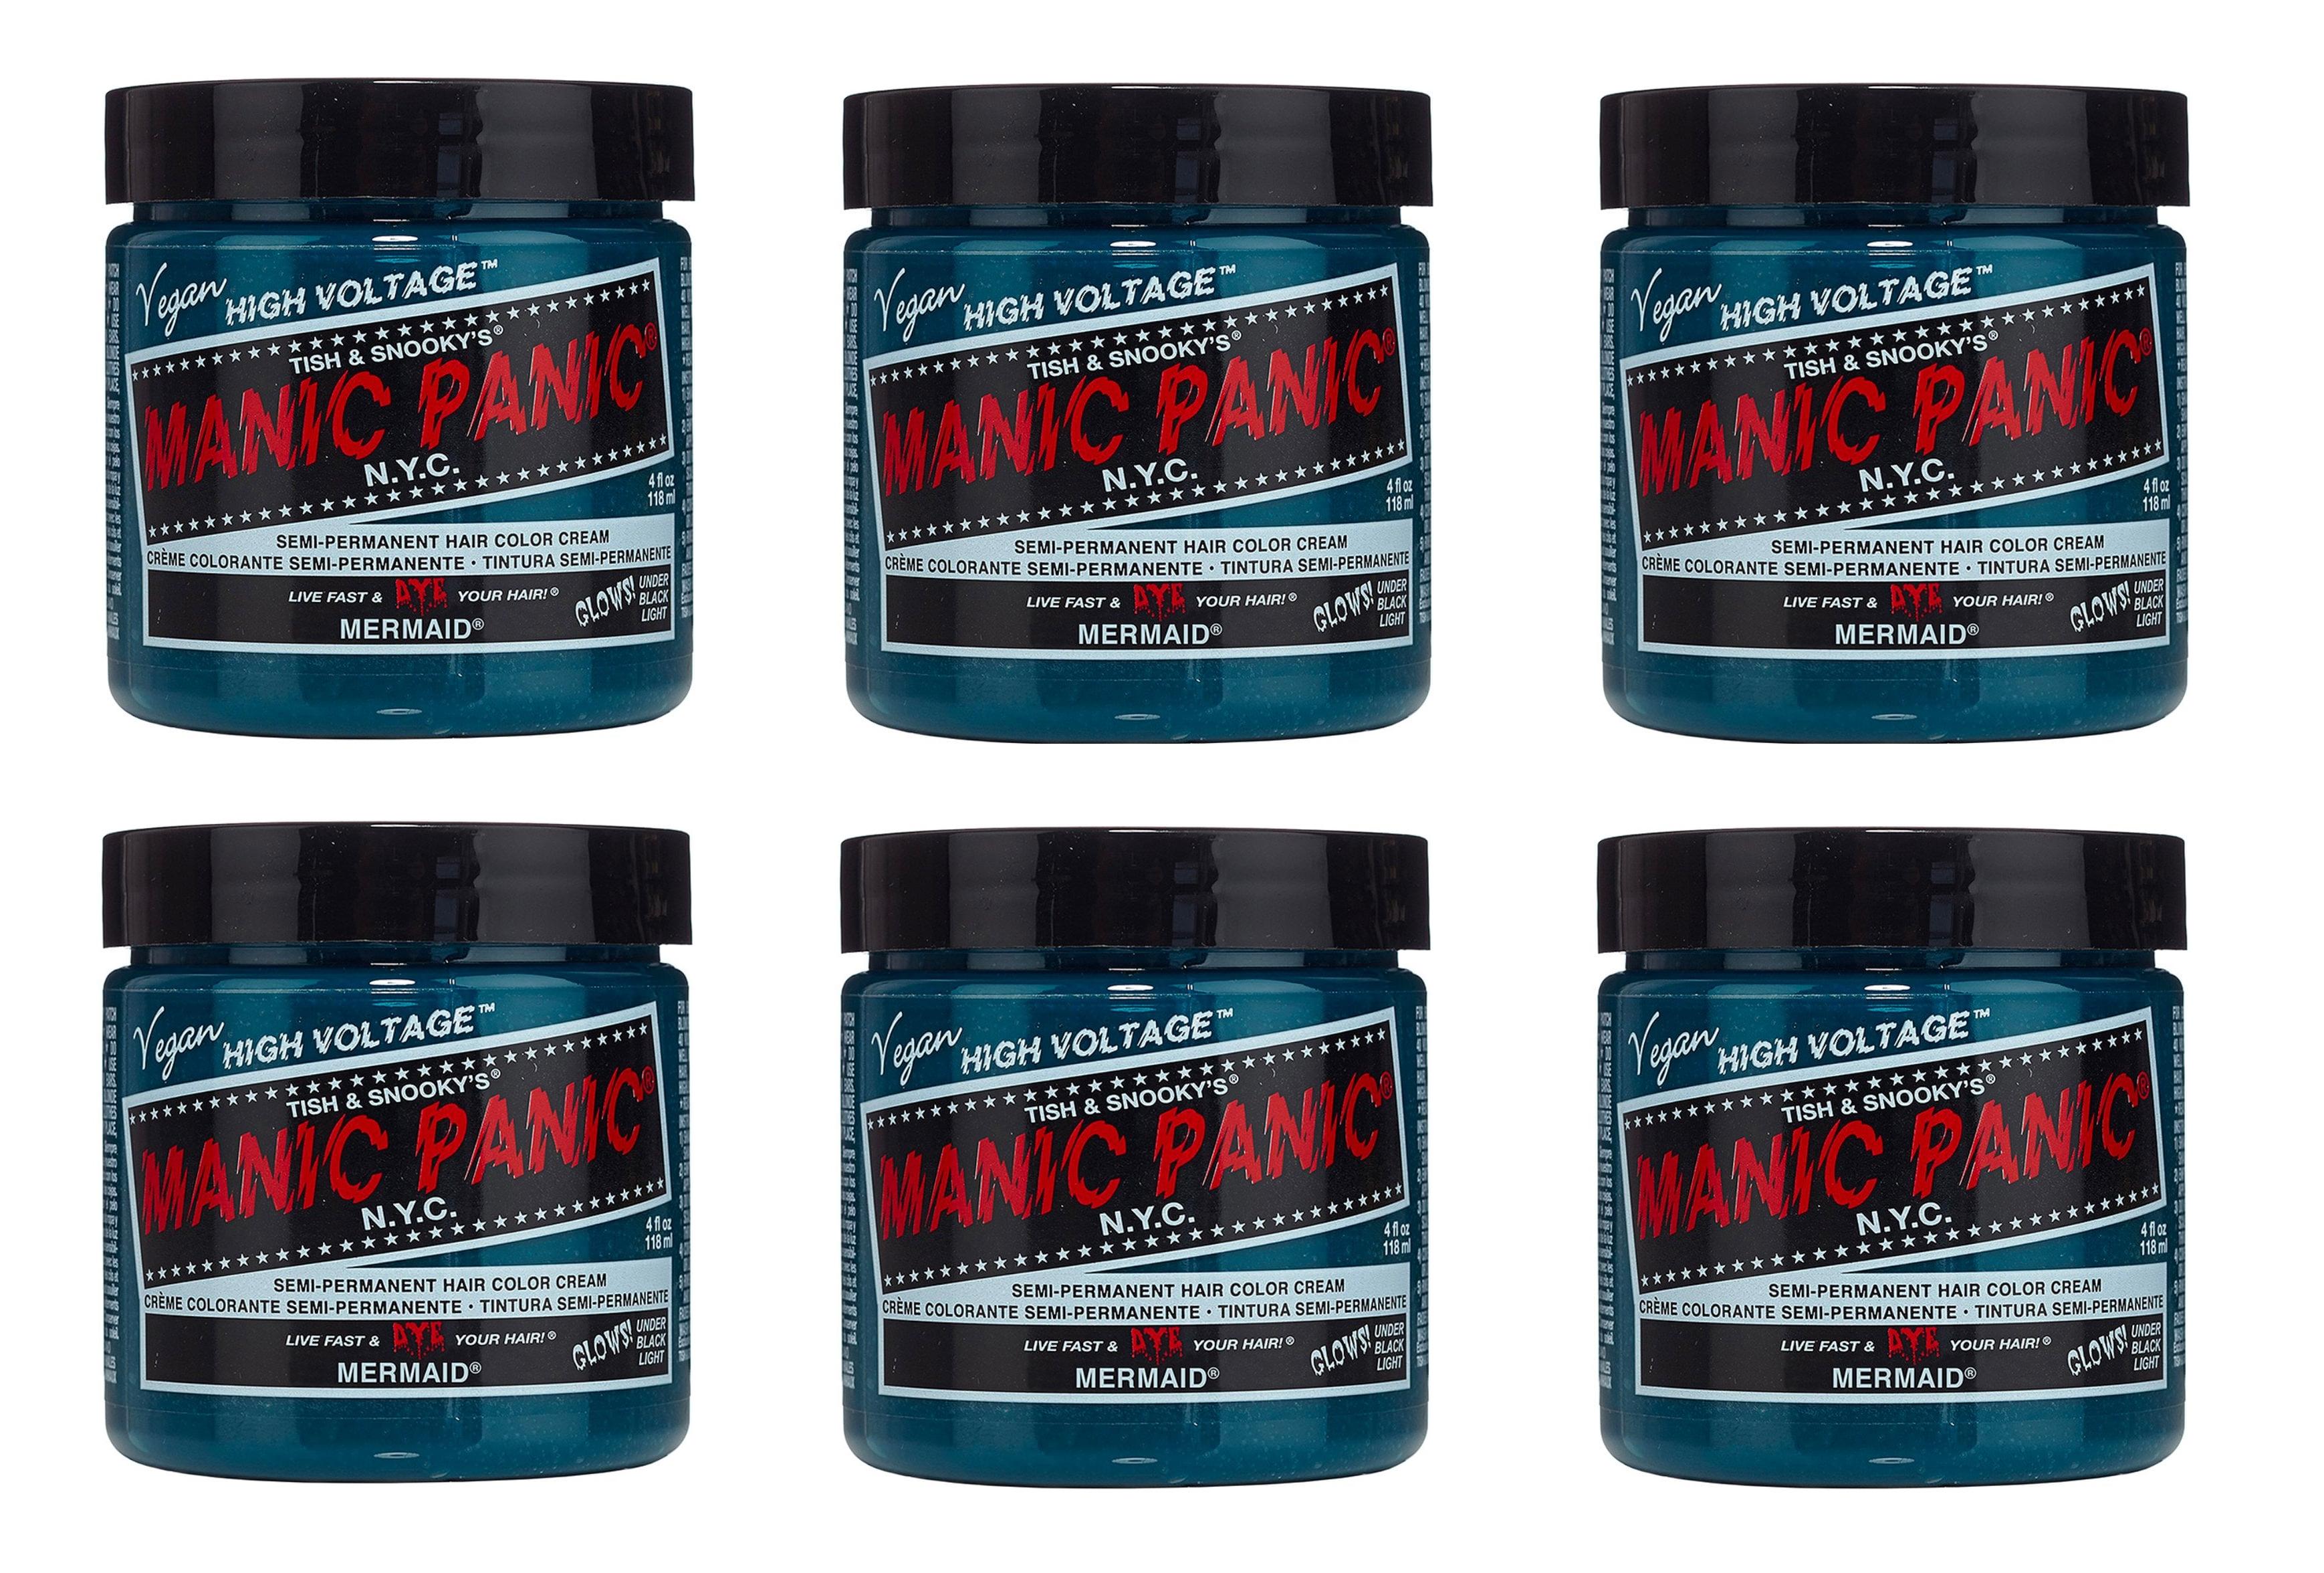 [Manic Panic] High Voltage Classic Cream Formula Hair ... |Mermaid Manic Panic High Voltage